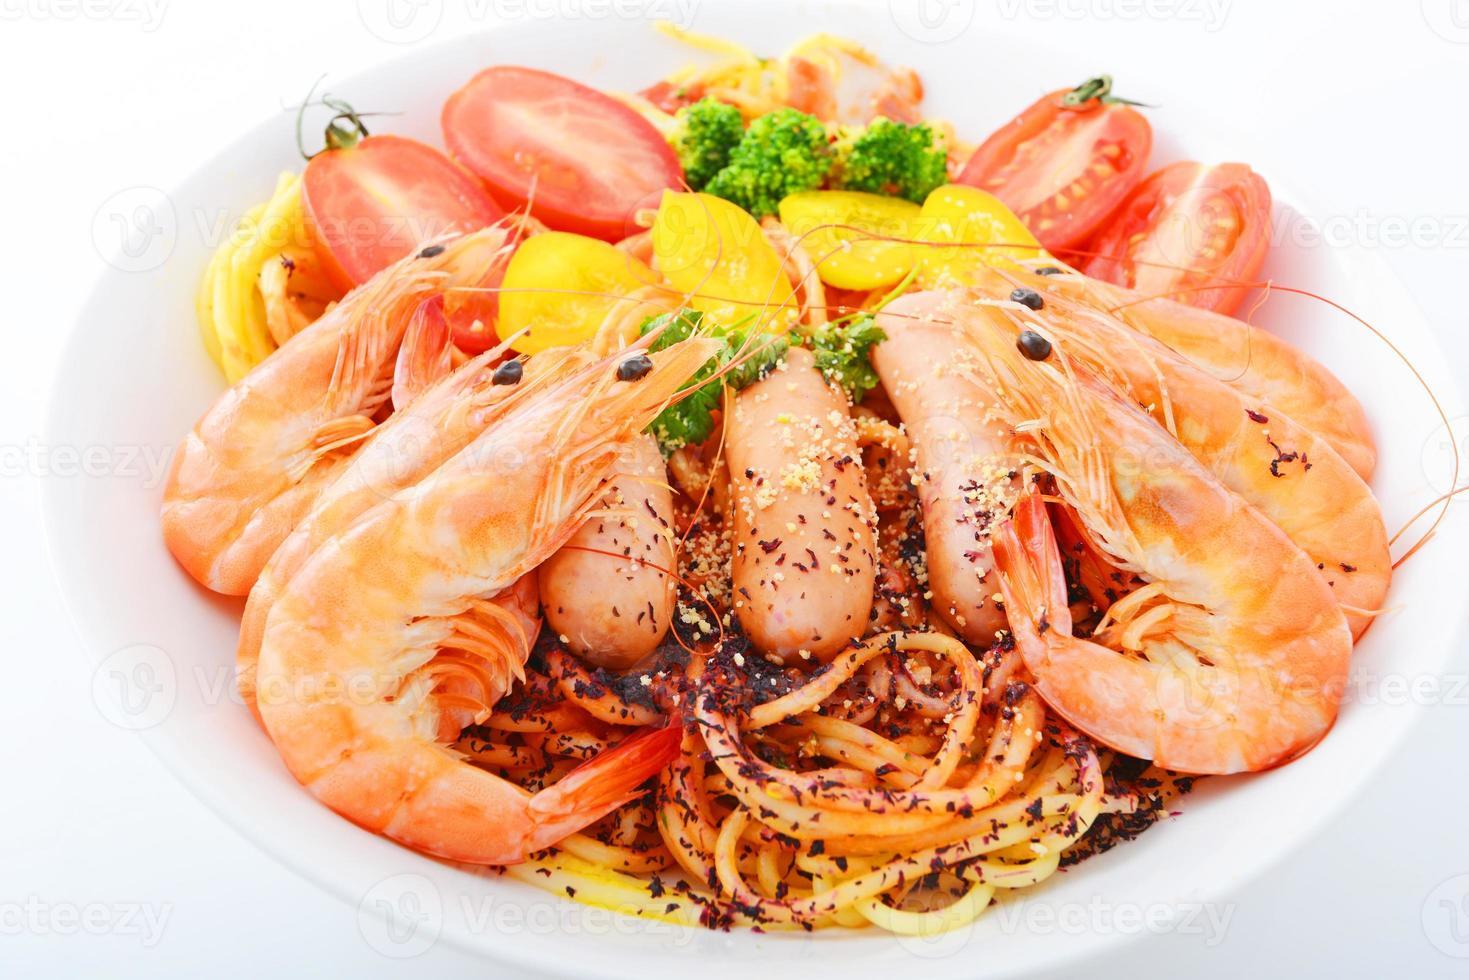 pasta italiana con camarones foto